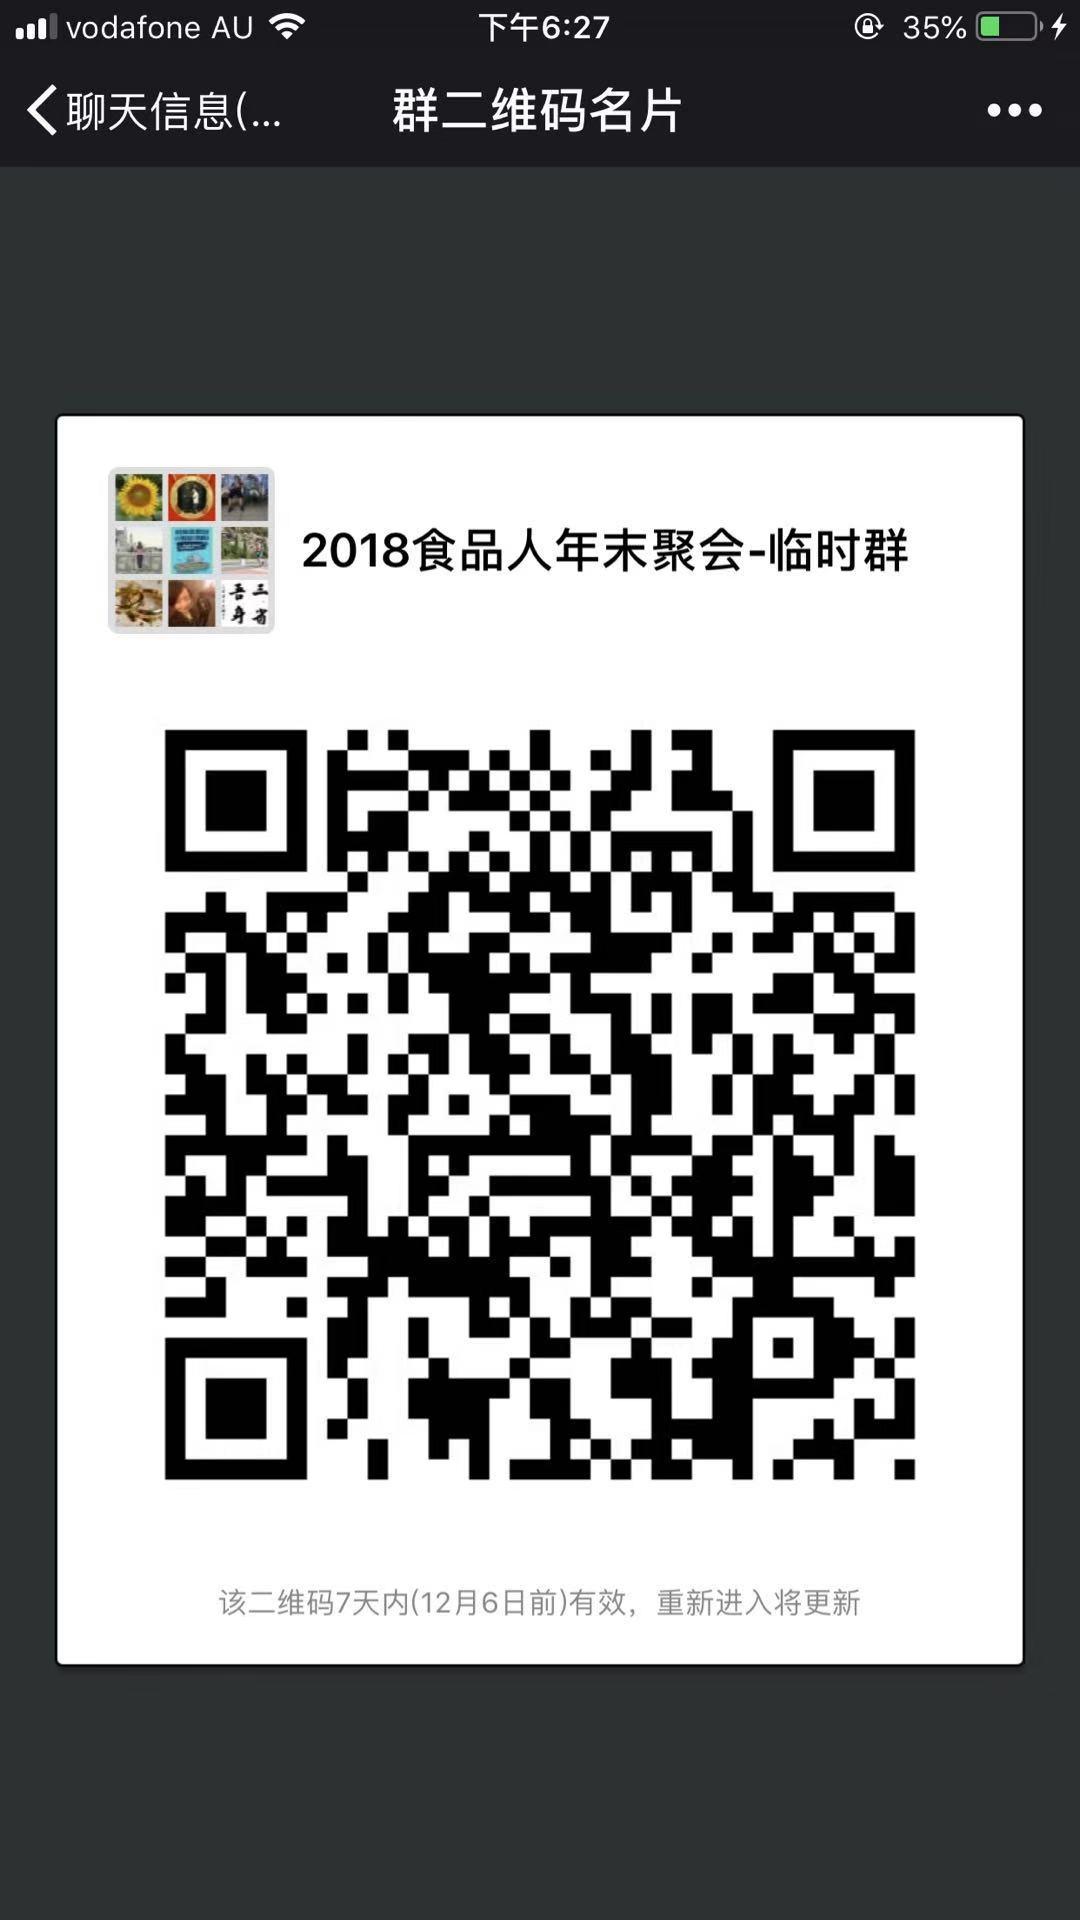 微信图片_20181129152856.jpg